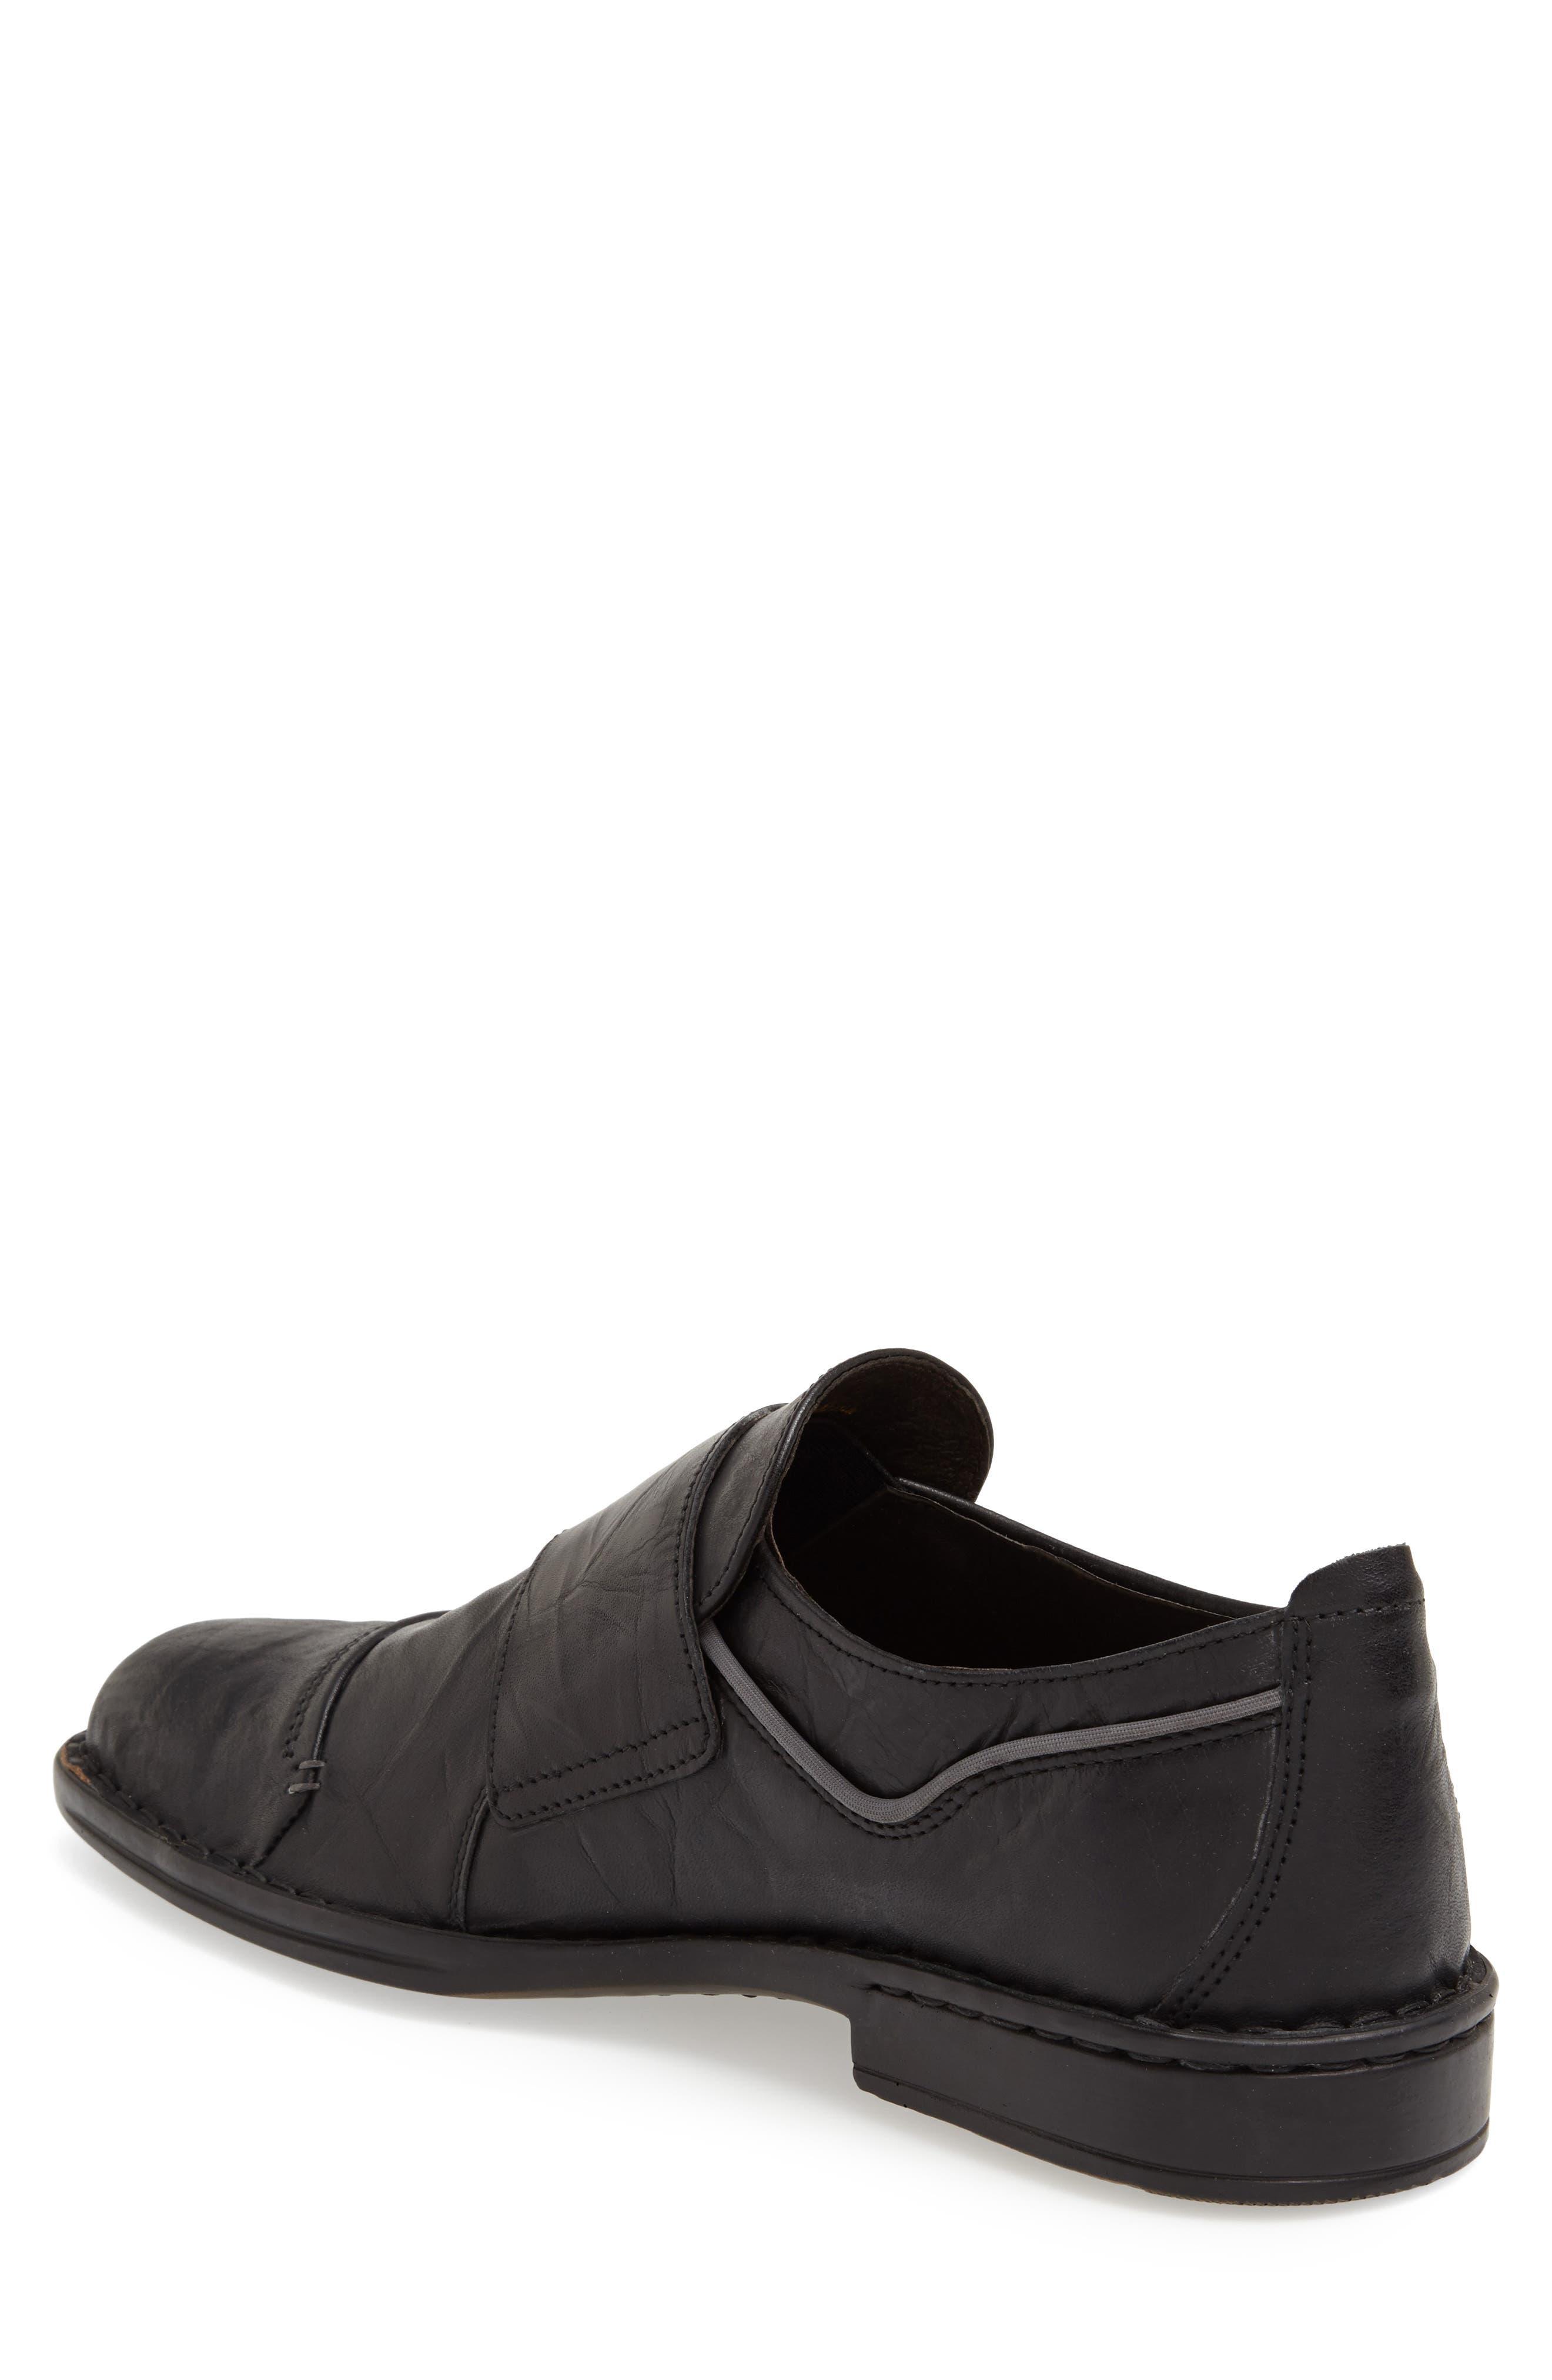 'Douglas 11' Double Monk Strap Shoe,                             Alternate thumbnail 3, color,                             BLACK